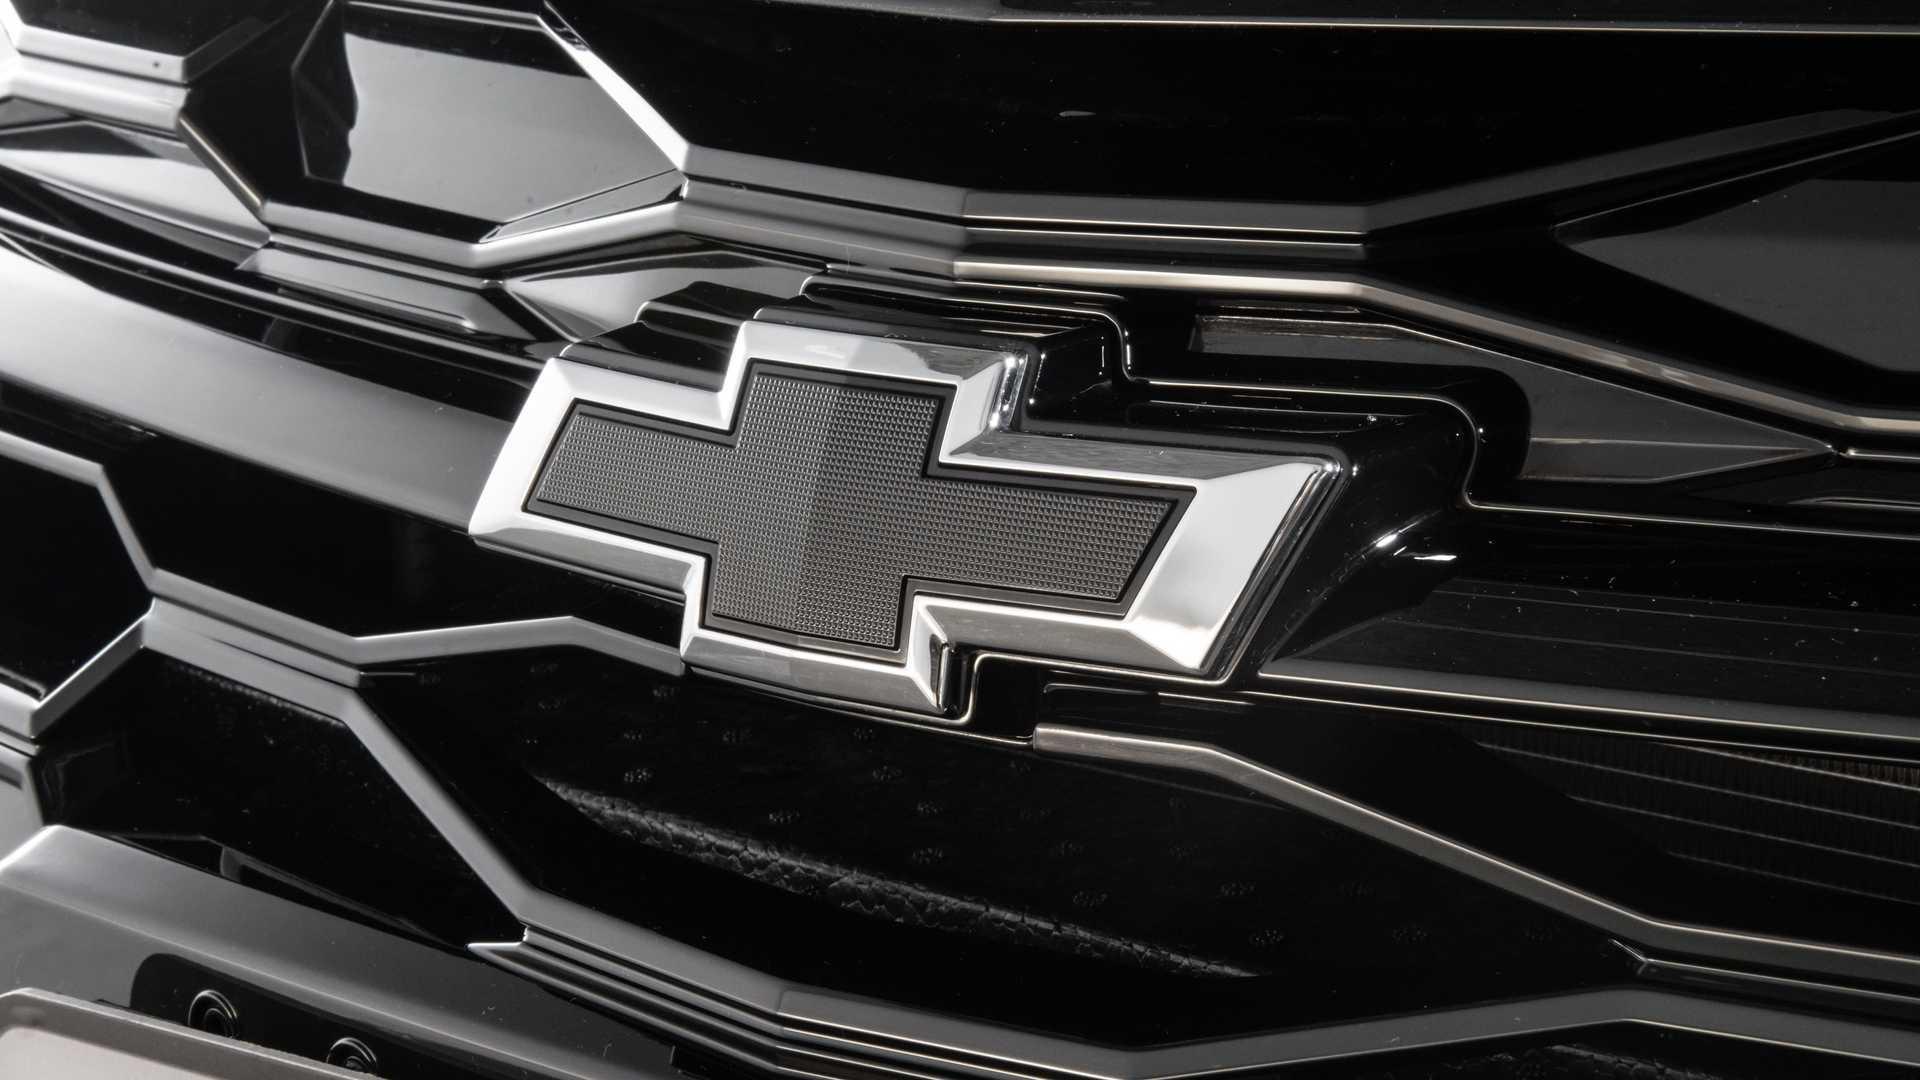 Oficial: Chevrolet Onix Plus Midnight 2021 será lançado ainda em setembro